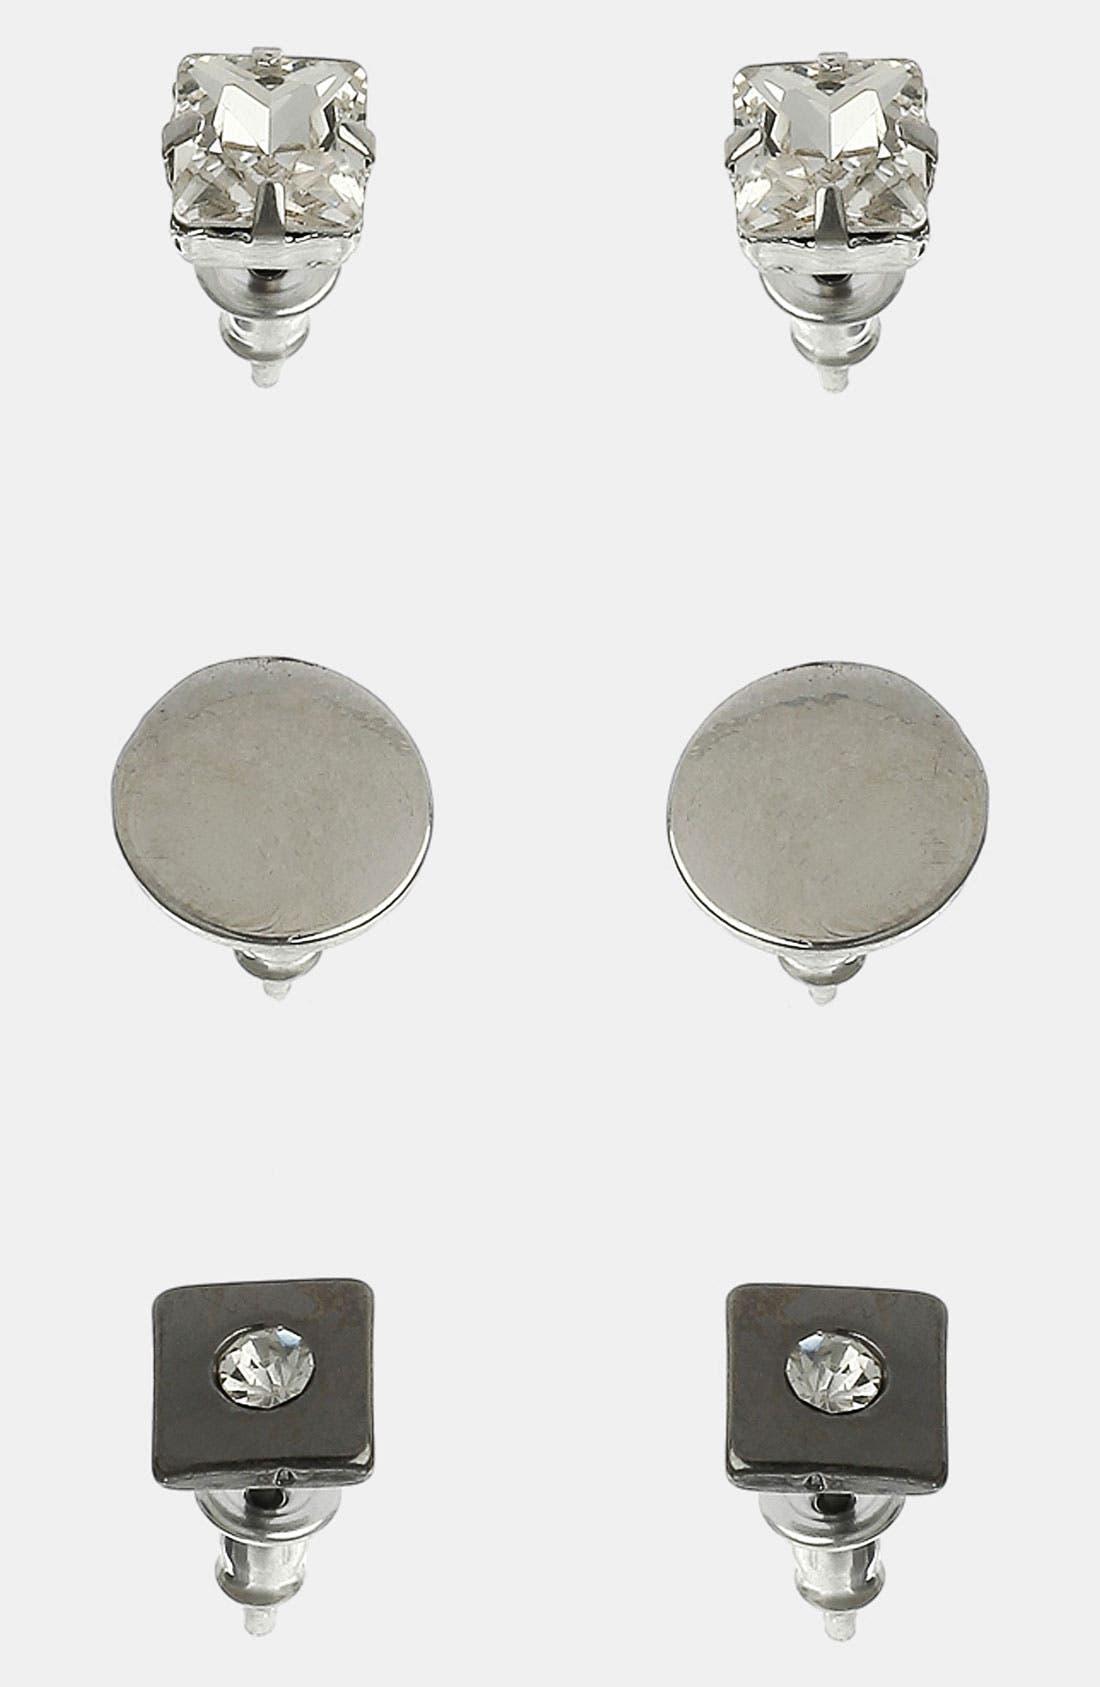 Alternate Image 1 Selected - Topman Rhinestone Stud Earrings (Set of 3)